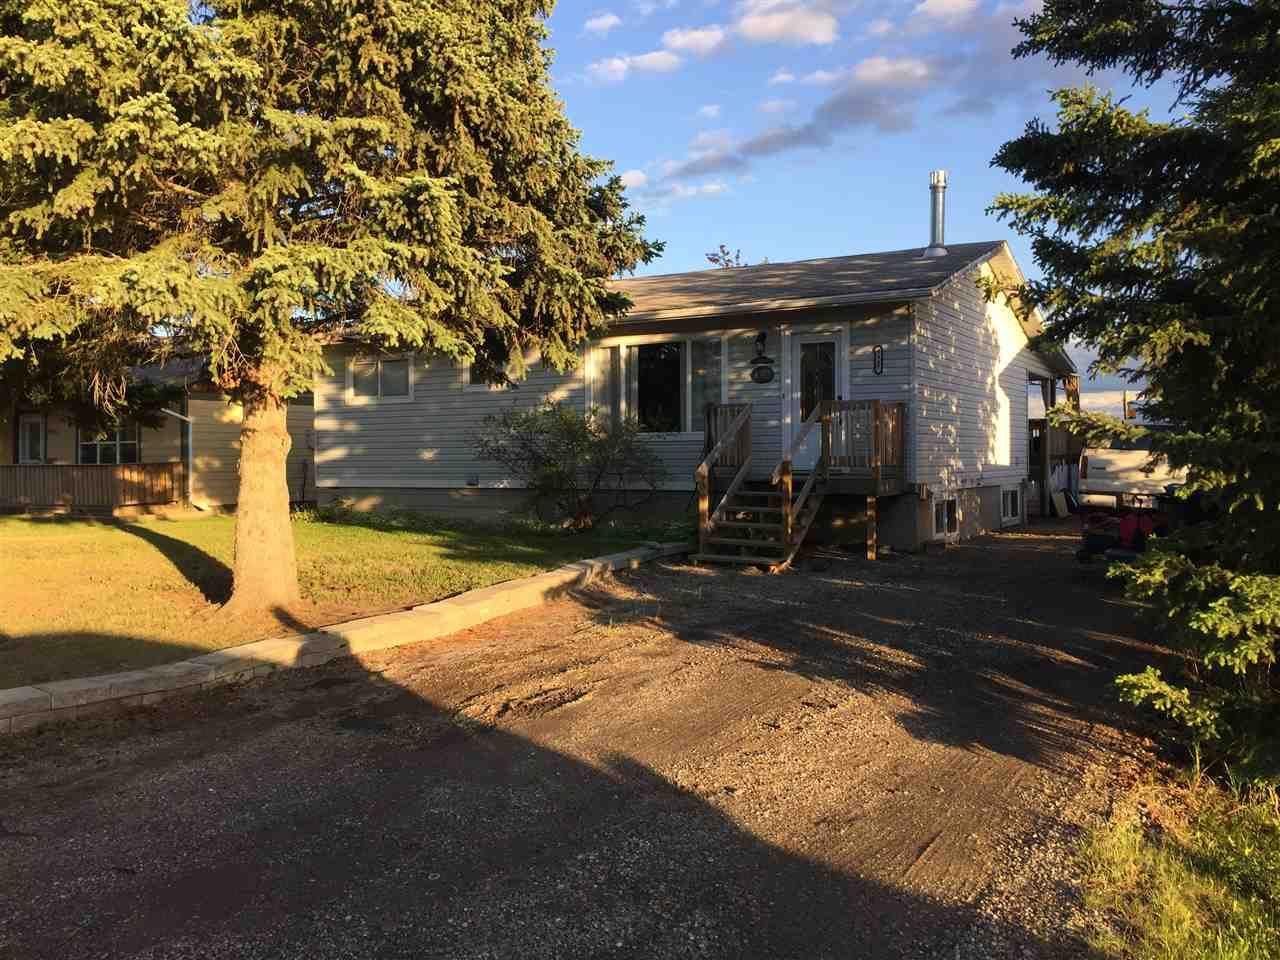 Main Photo: 9307 95 Avenue in Fort St. John: Fort St. John - City SE House for sale (Fort St. John (Zone 60))  : MLS®# R2075203